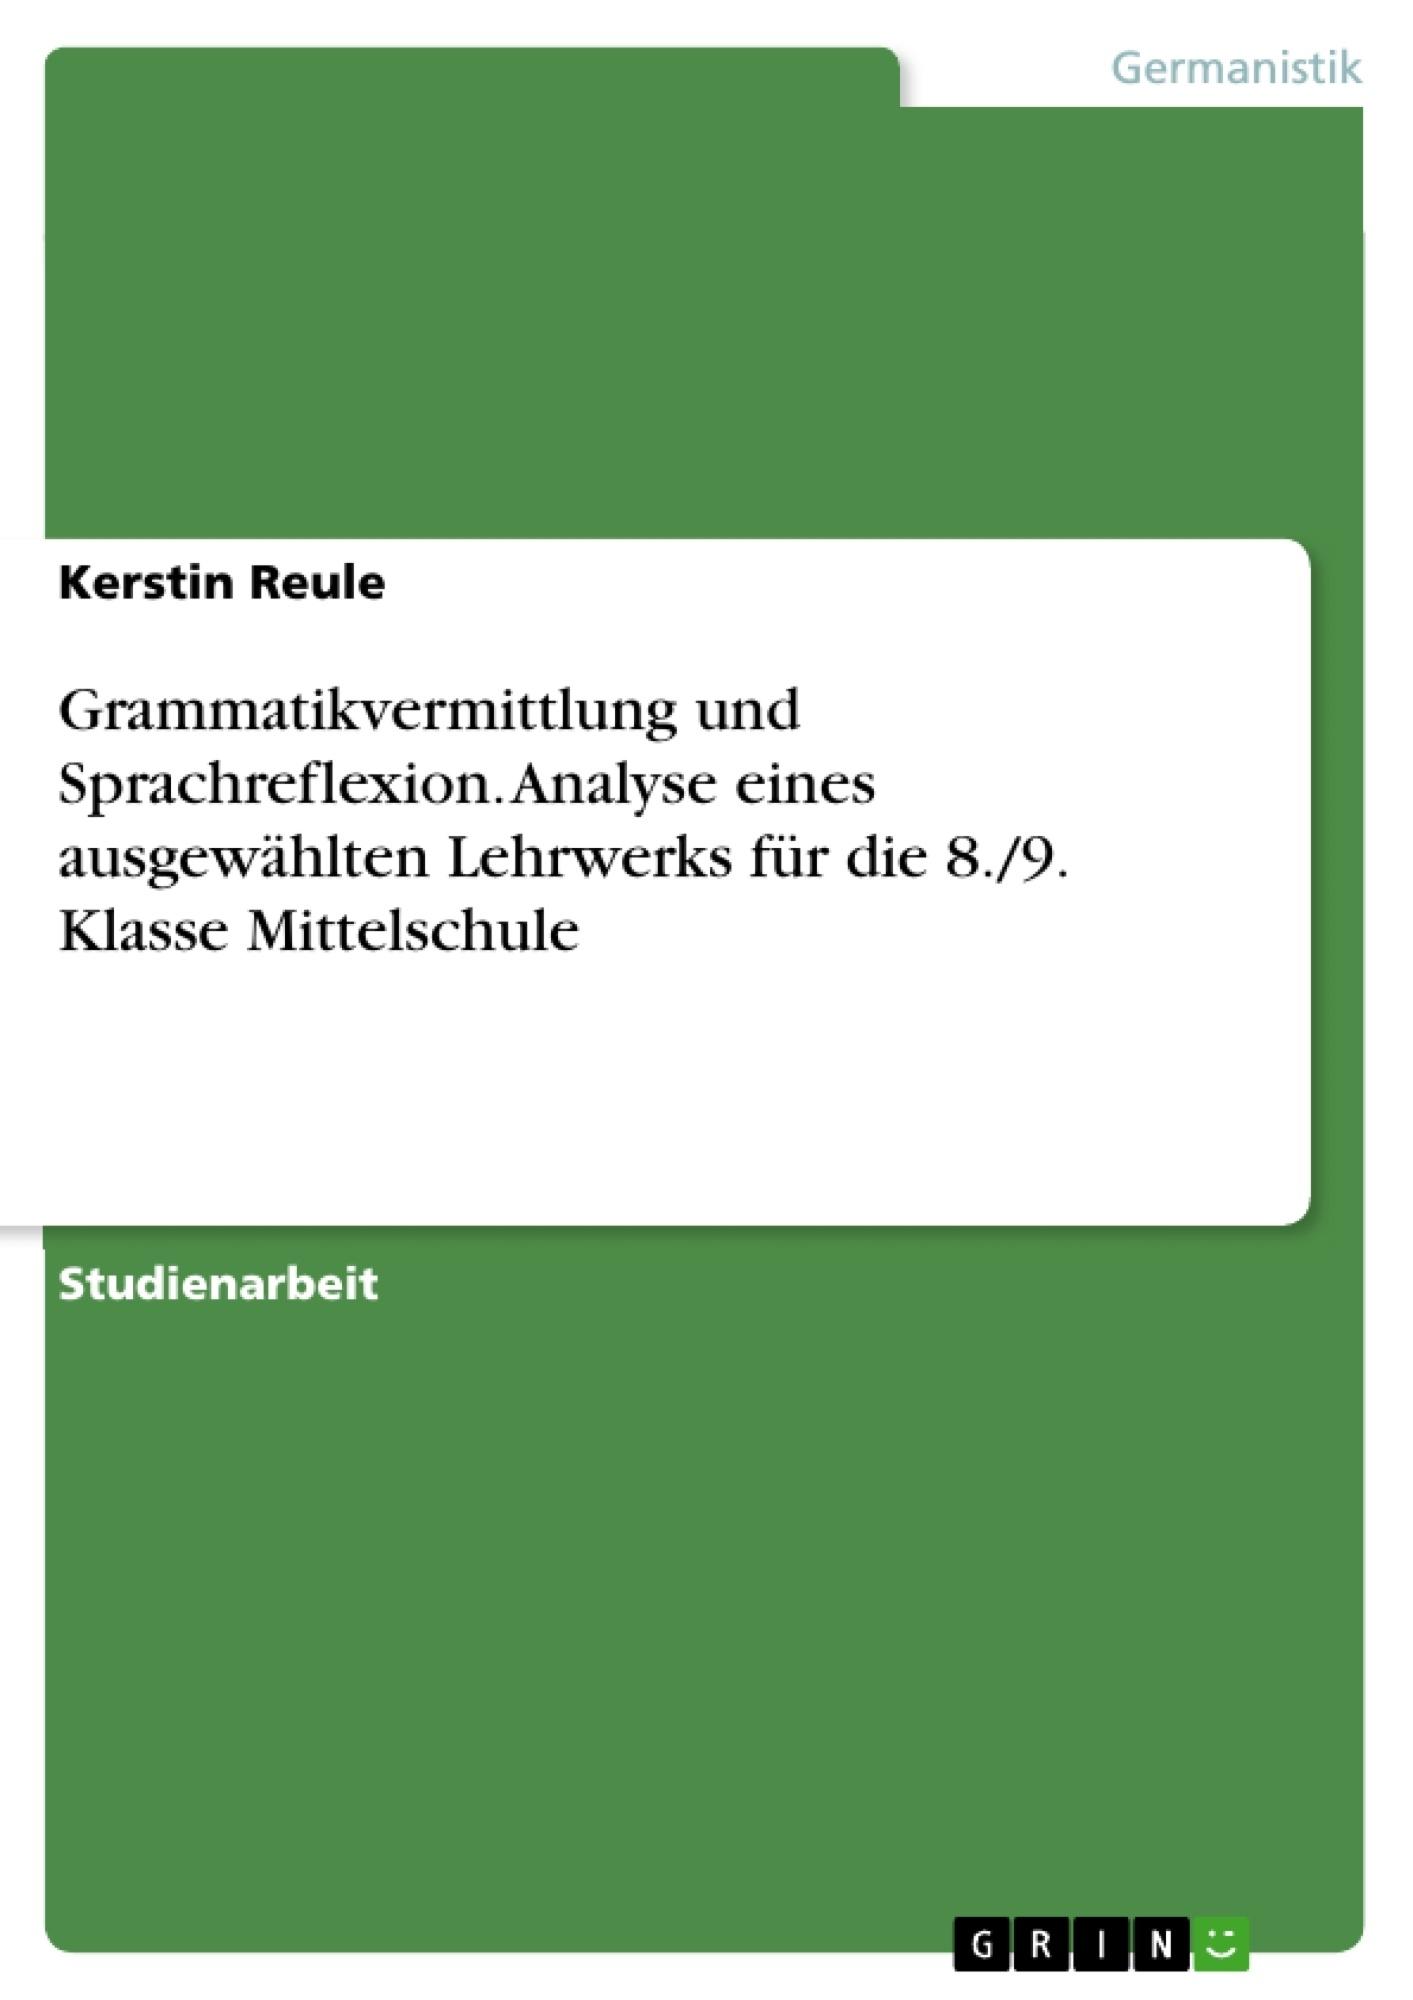 Titel: Grammatikvermittlung und Sprachreflexion. Analyse eines ausgewählten Lehrwerks für die 8./9. Klasse Mittelschule